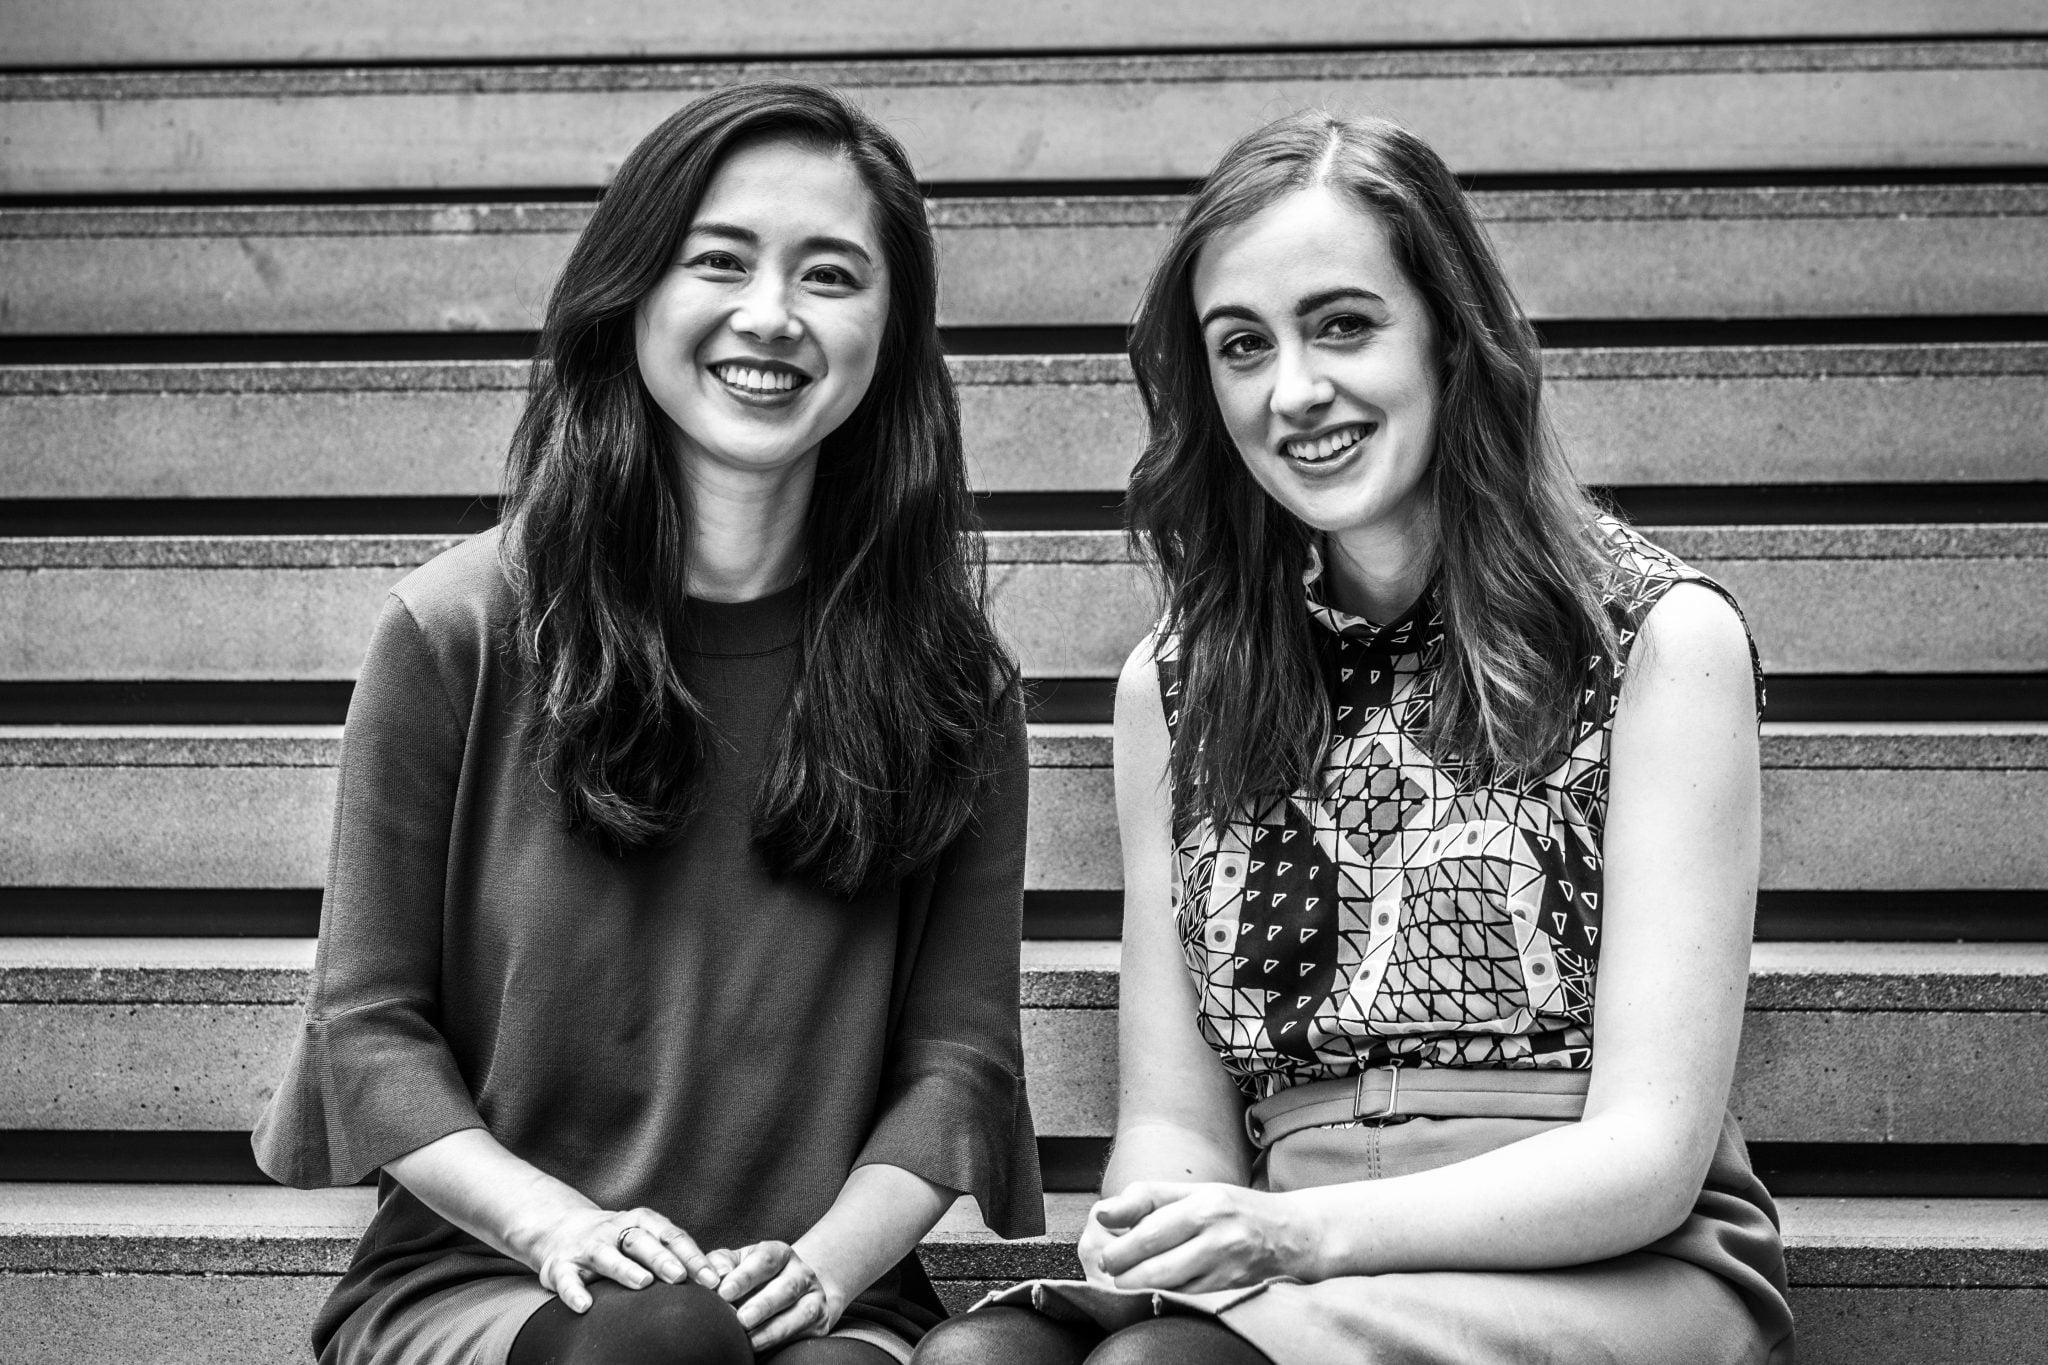 Project Emma o cómo la tecnología puede cambiar la vida de una persona con Parkinson